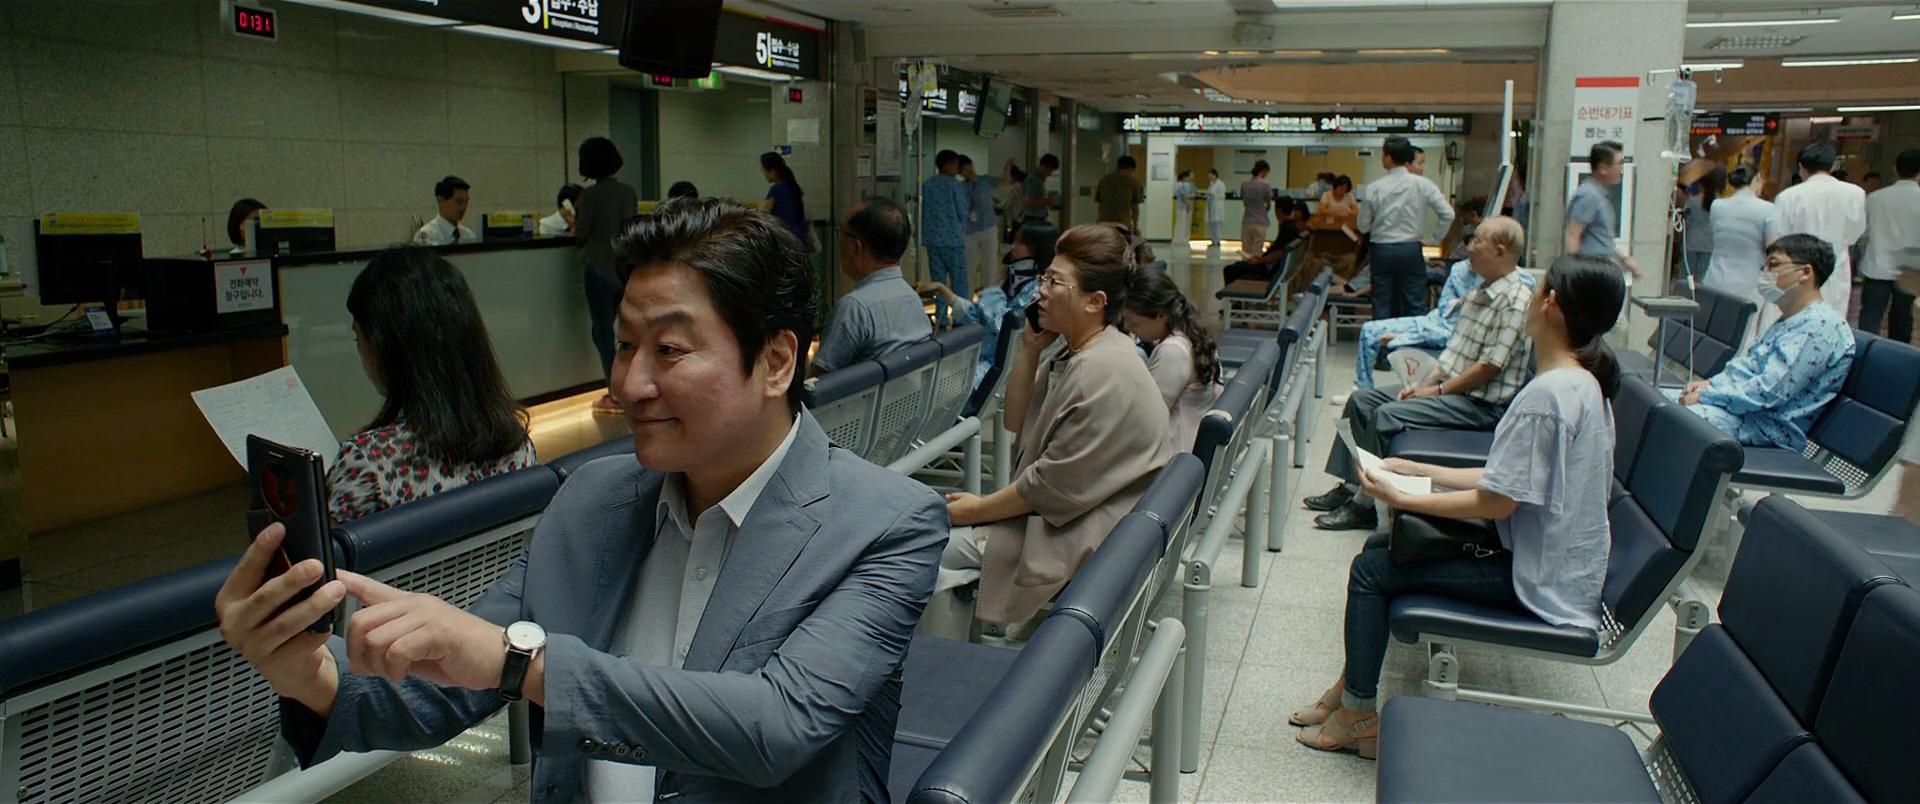 Kang-ho Song and Jeong-eun Lee in Gisaengchung (2019)